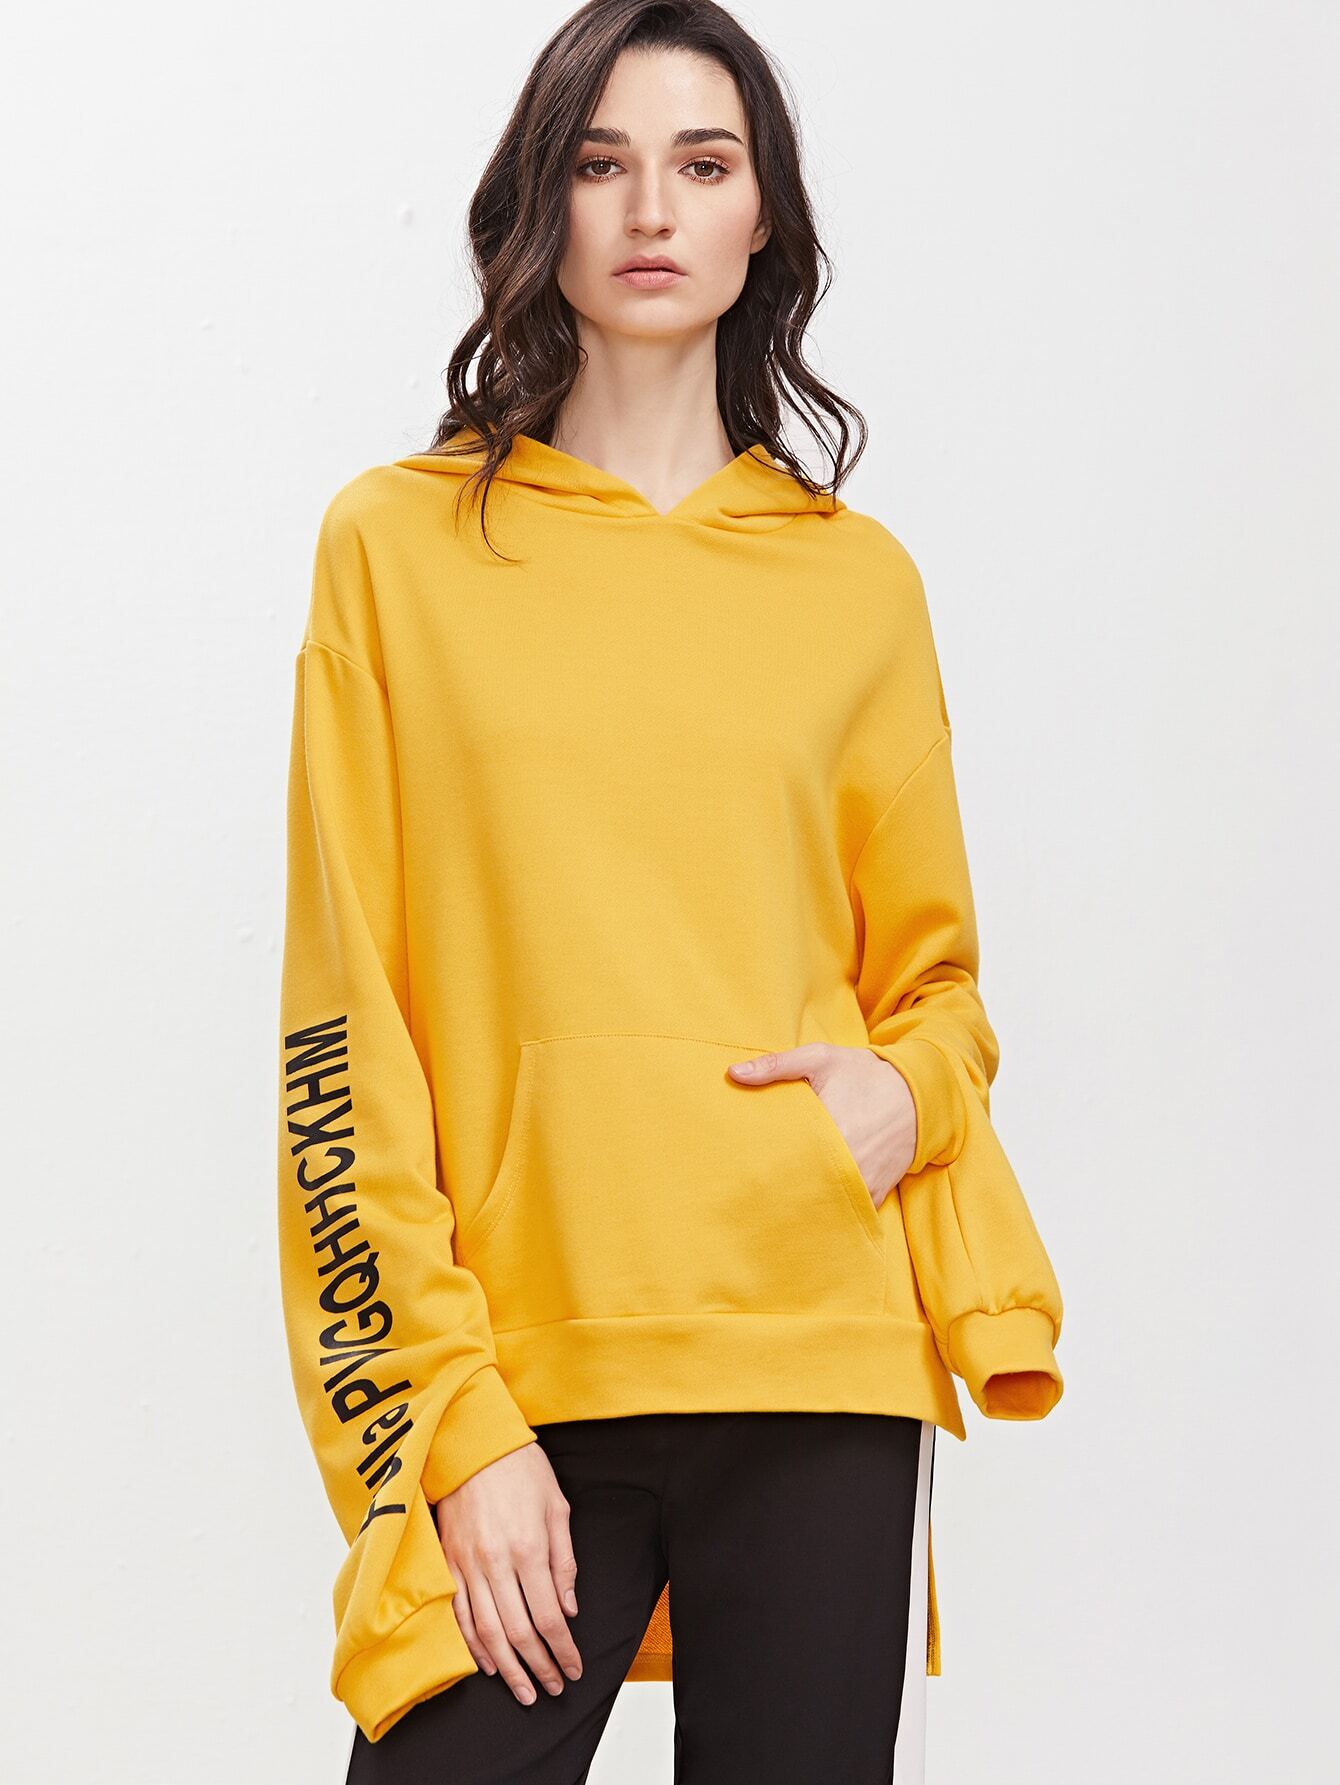 sweatshirt161227702_2